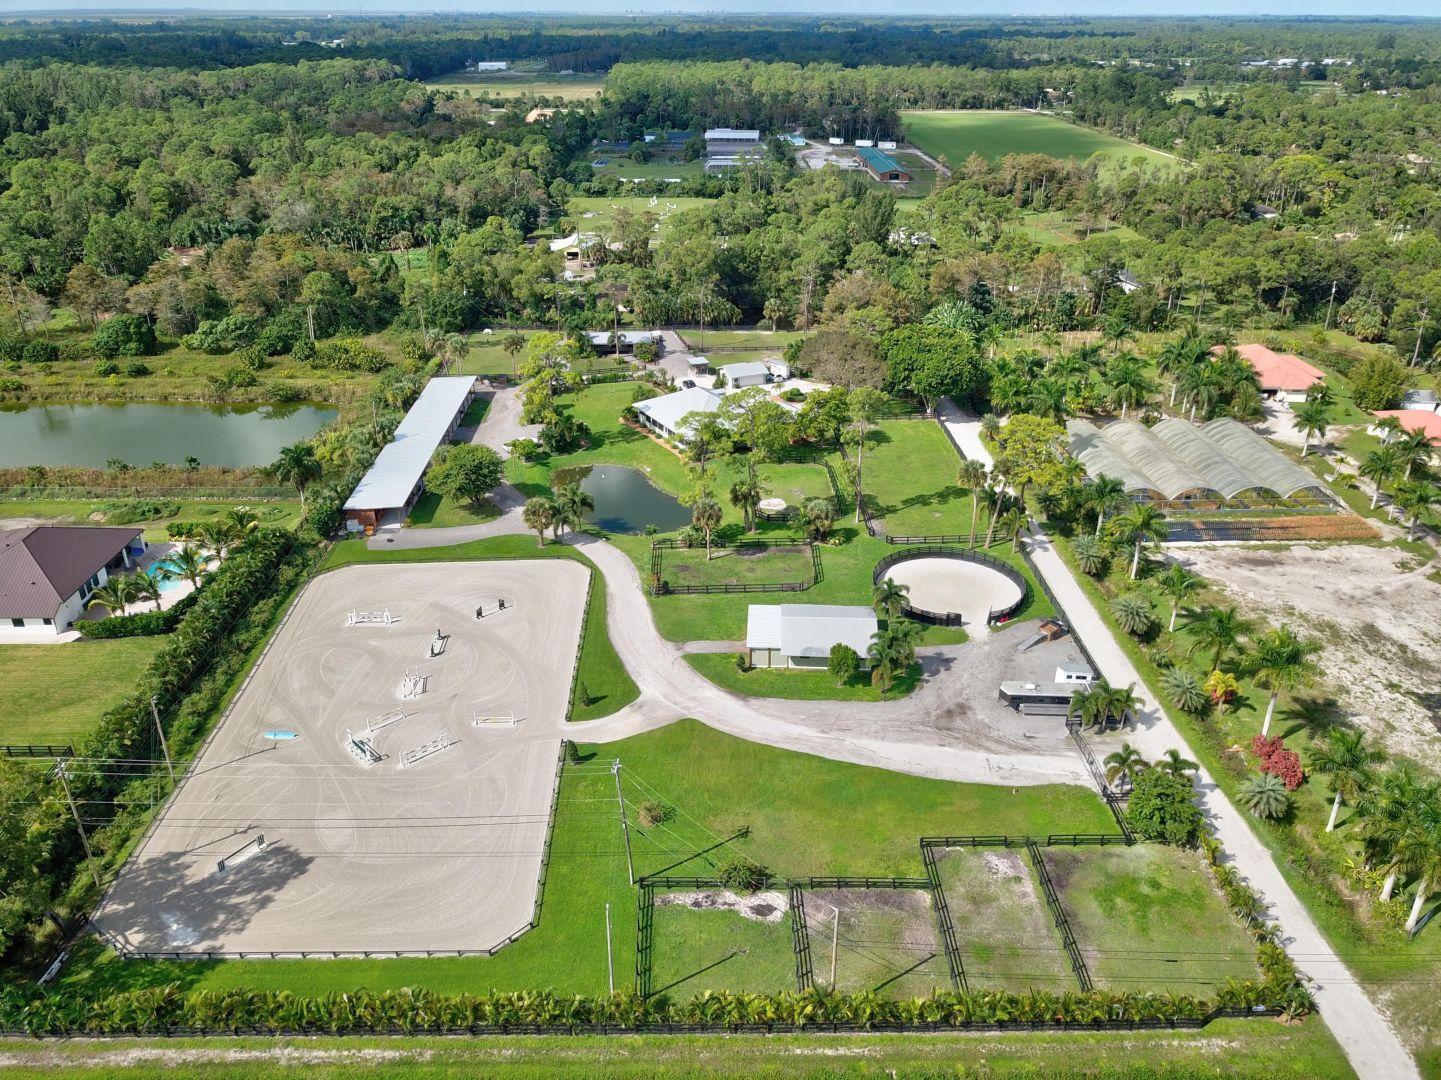 1363 F Road - Loxahatchee Groves, Florida